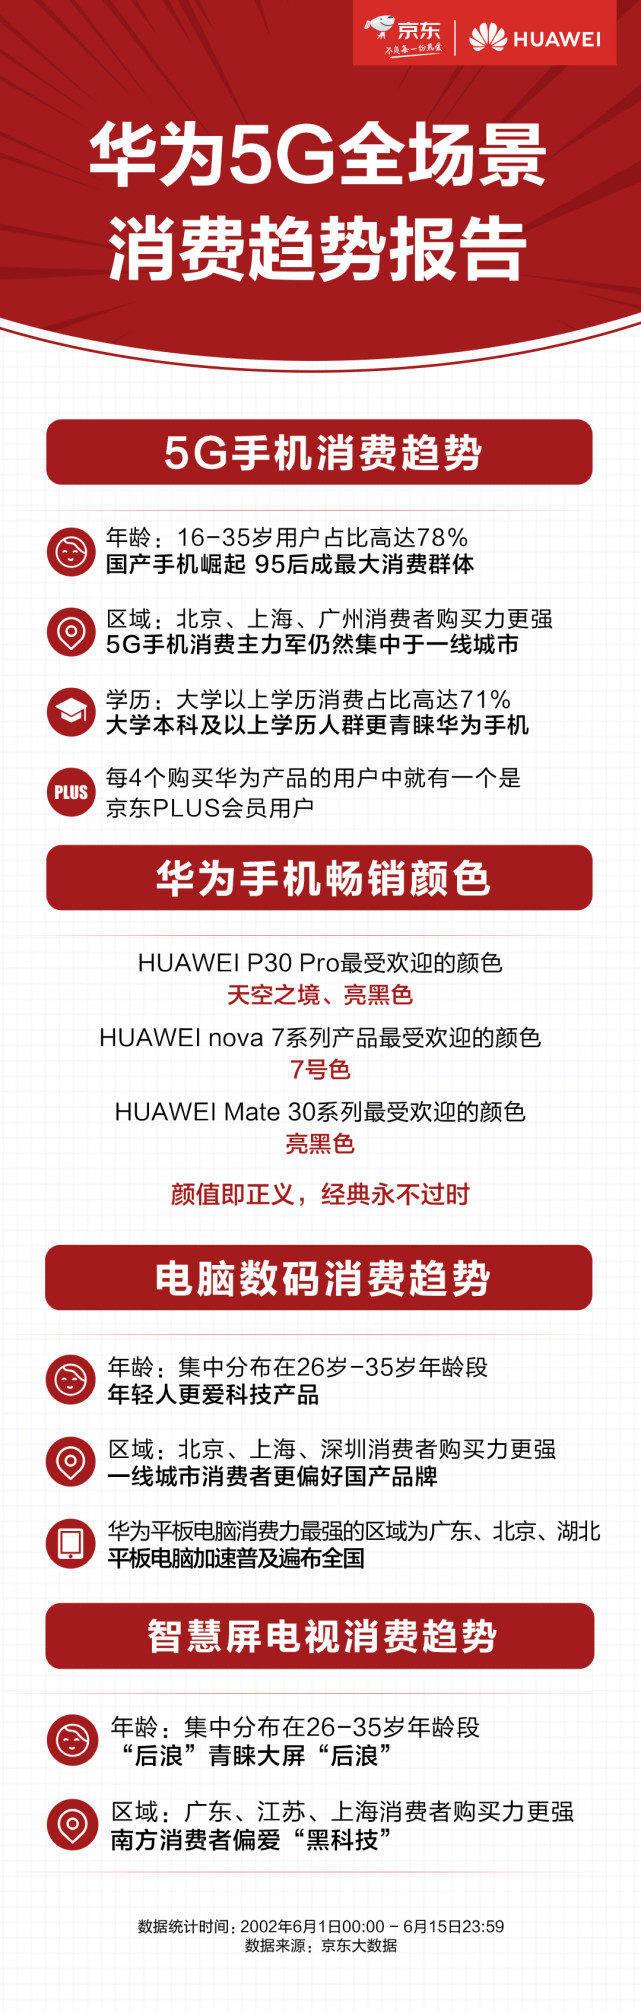 三星手机-ITMI社区-华为连合京东发布5G全场景618斲丧趋势陈诉 95后是斲丧主力(1)